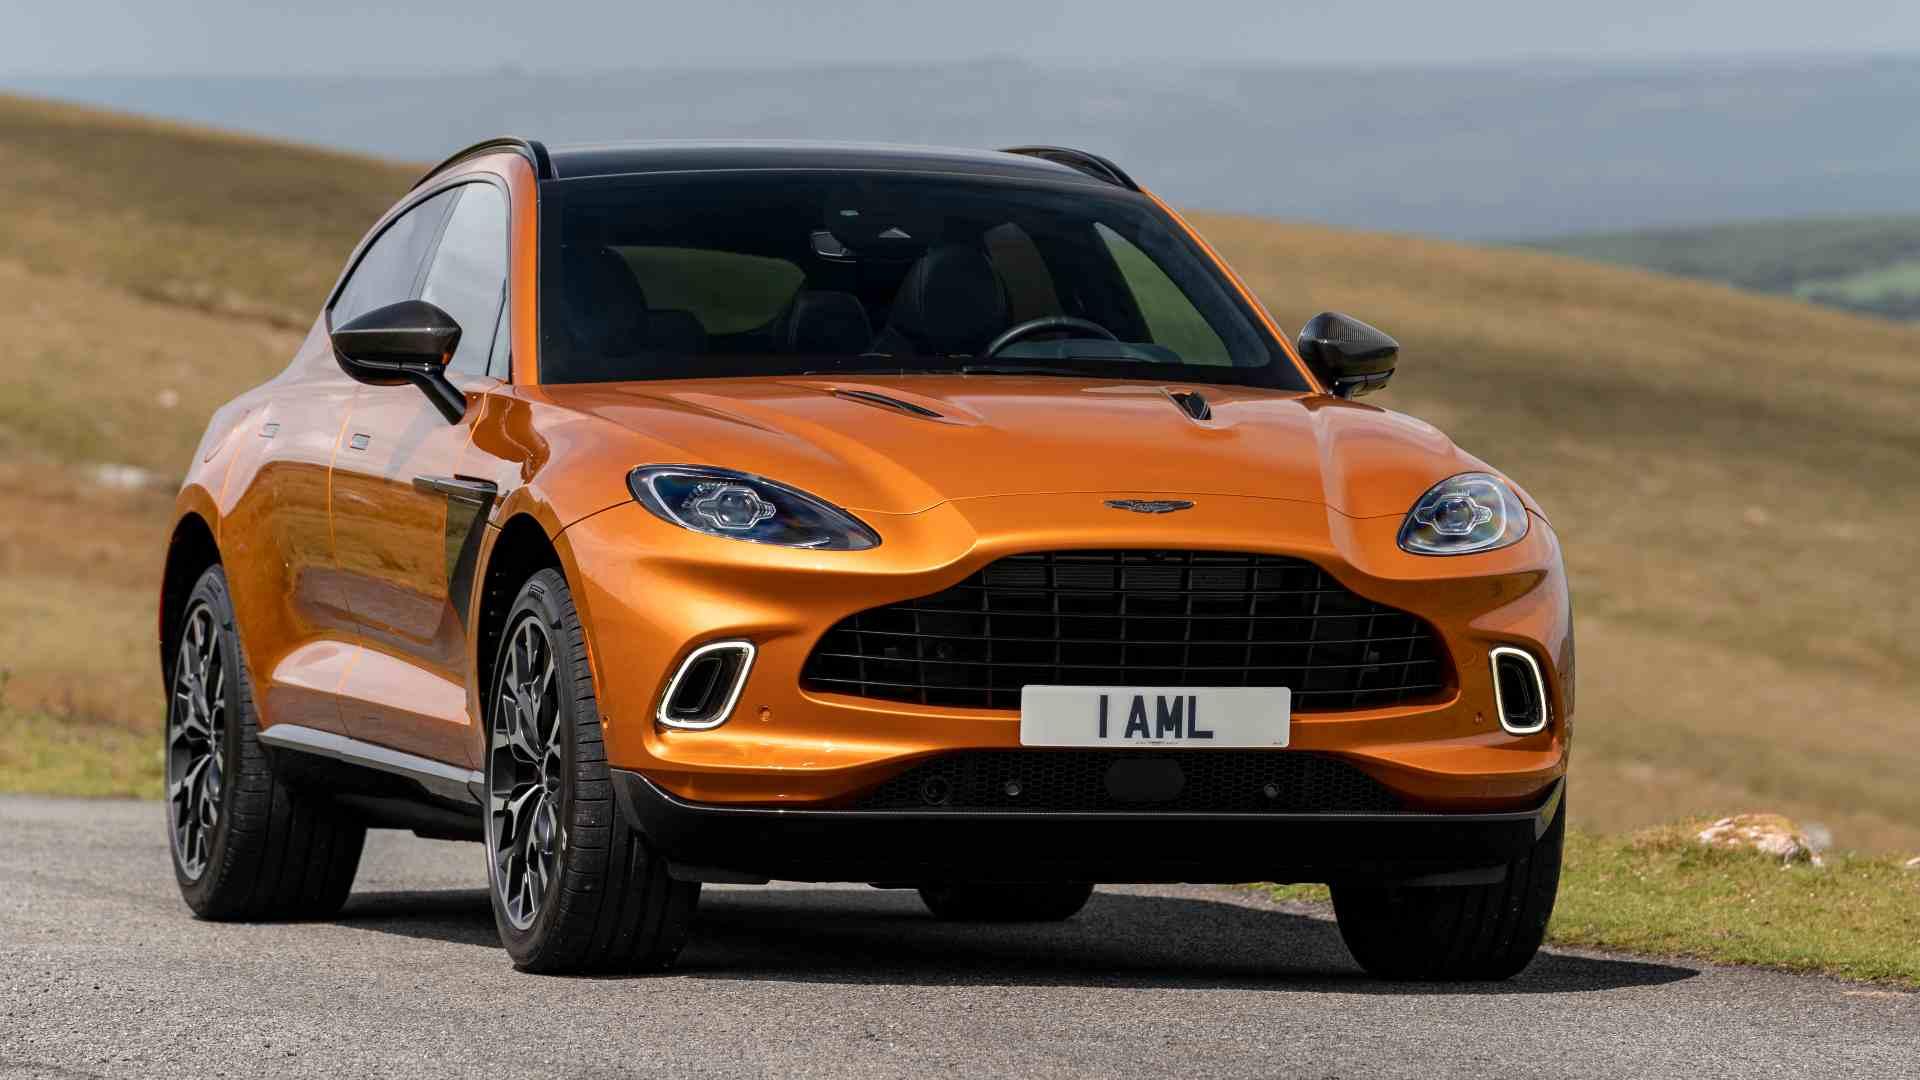 Aston Martin électrifiera 90% de sa gamme de modèles d'ici 2030, les PHEV arriveront en premier